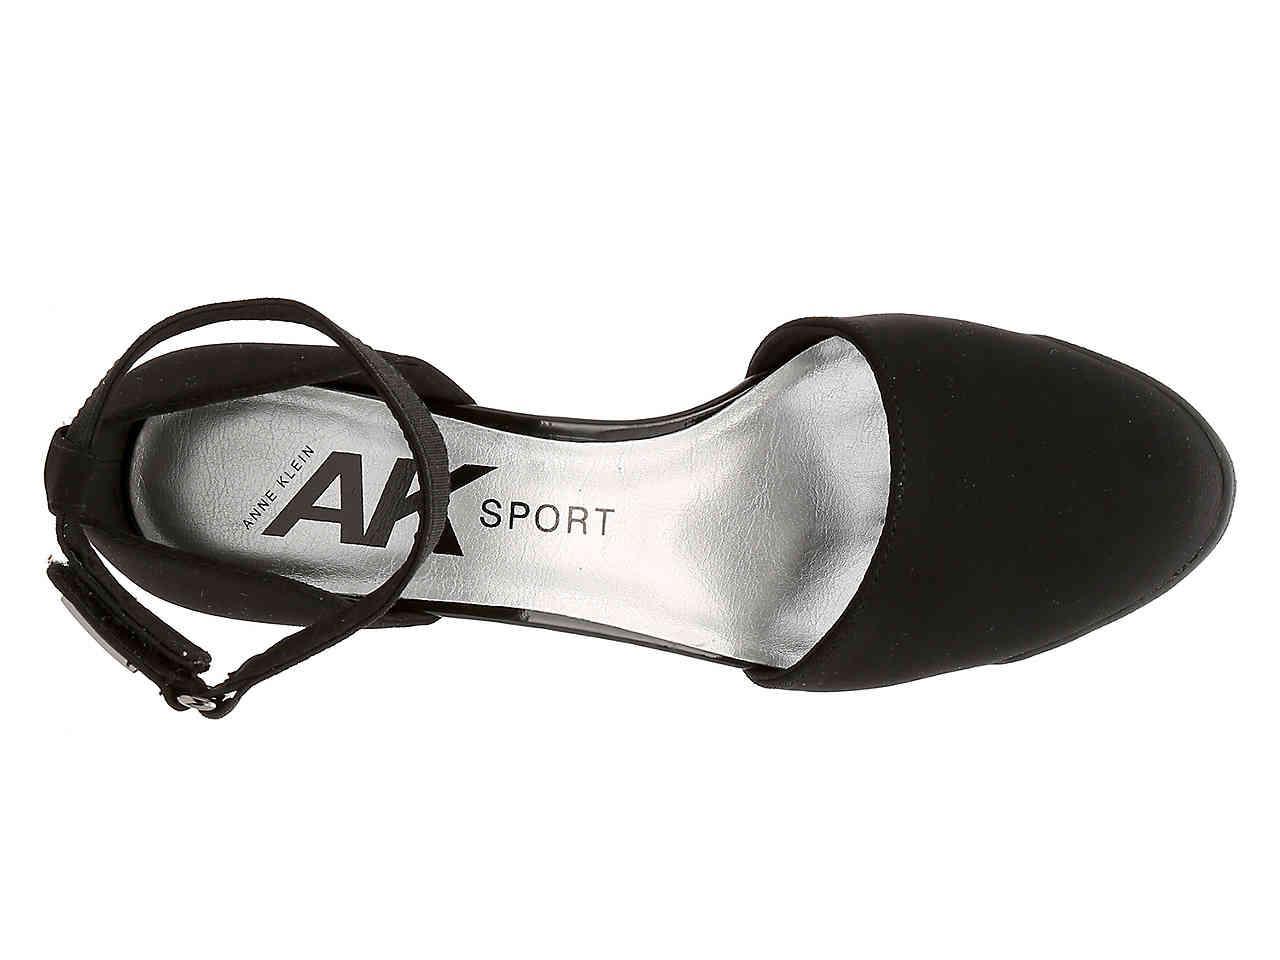 Anne Klein Sport Touch Wedge Pump in